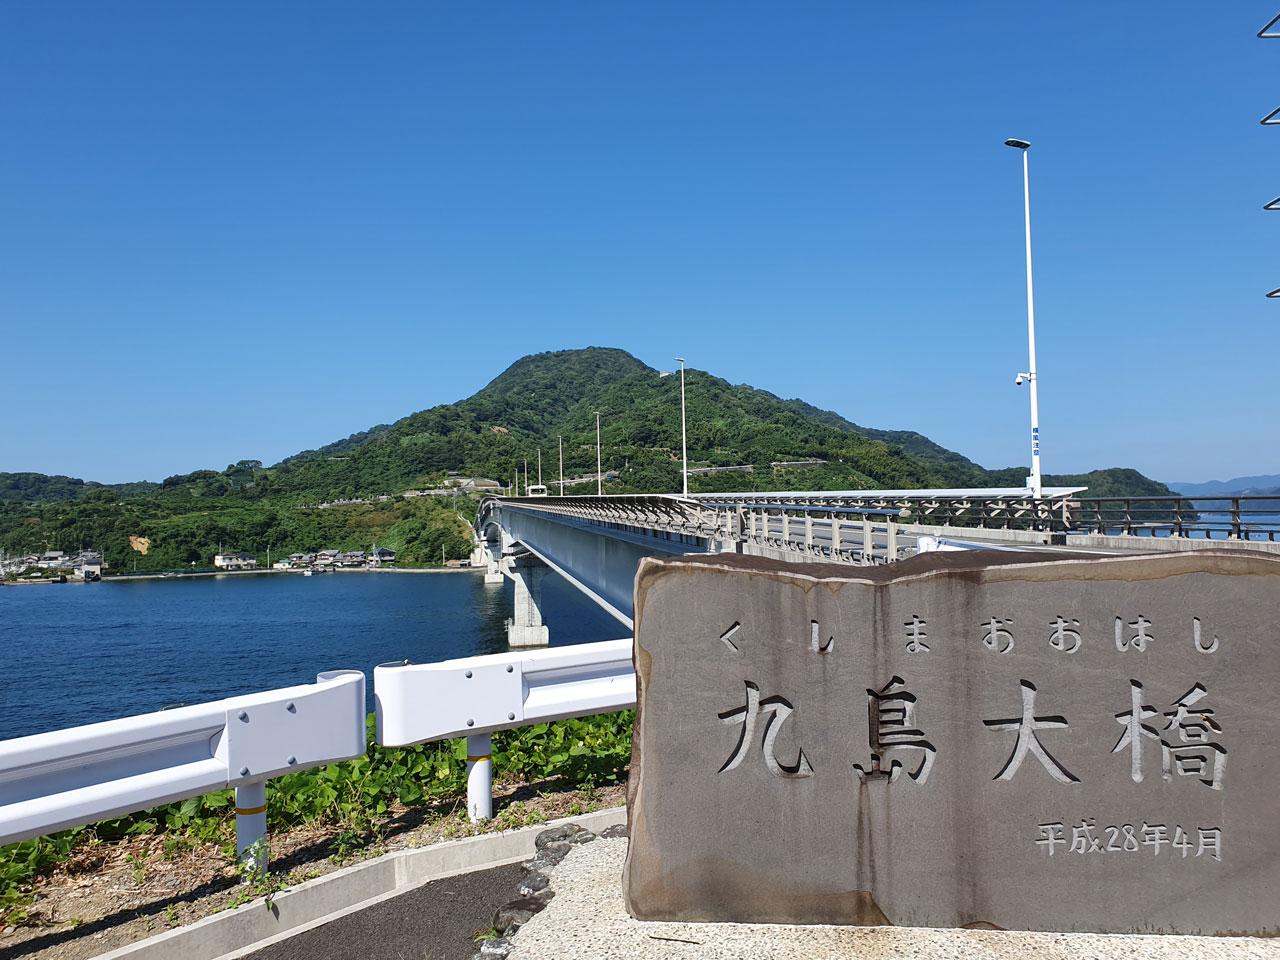 九島大橋の写真